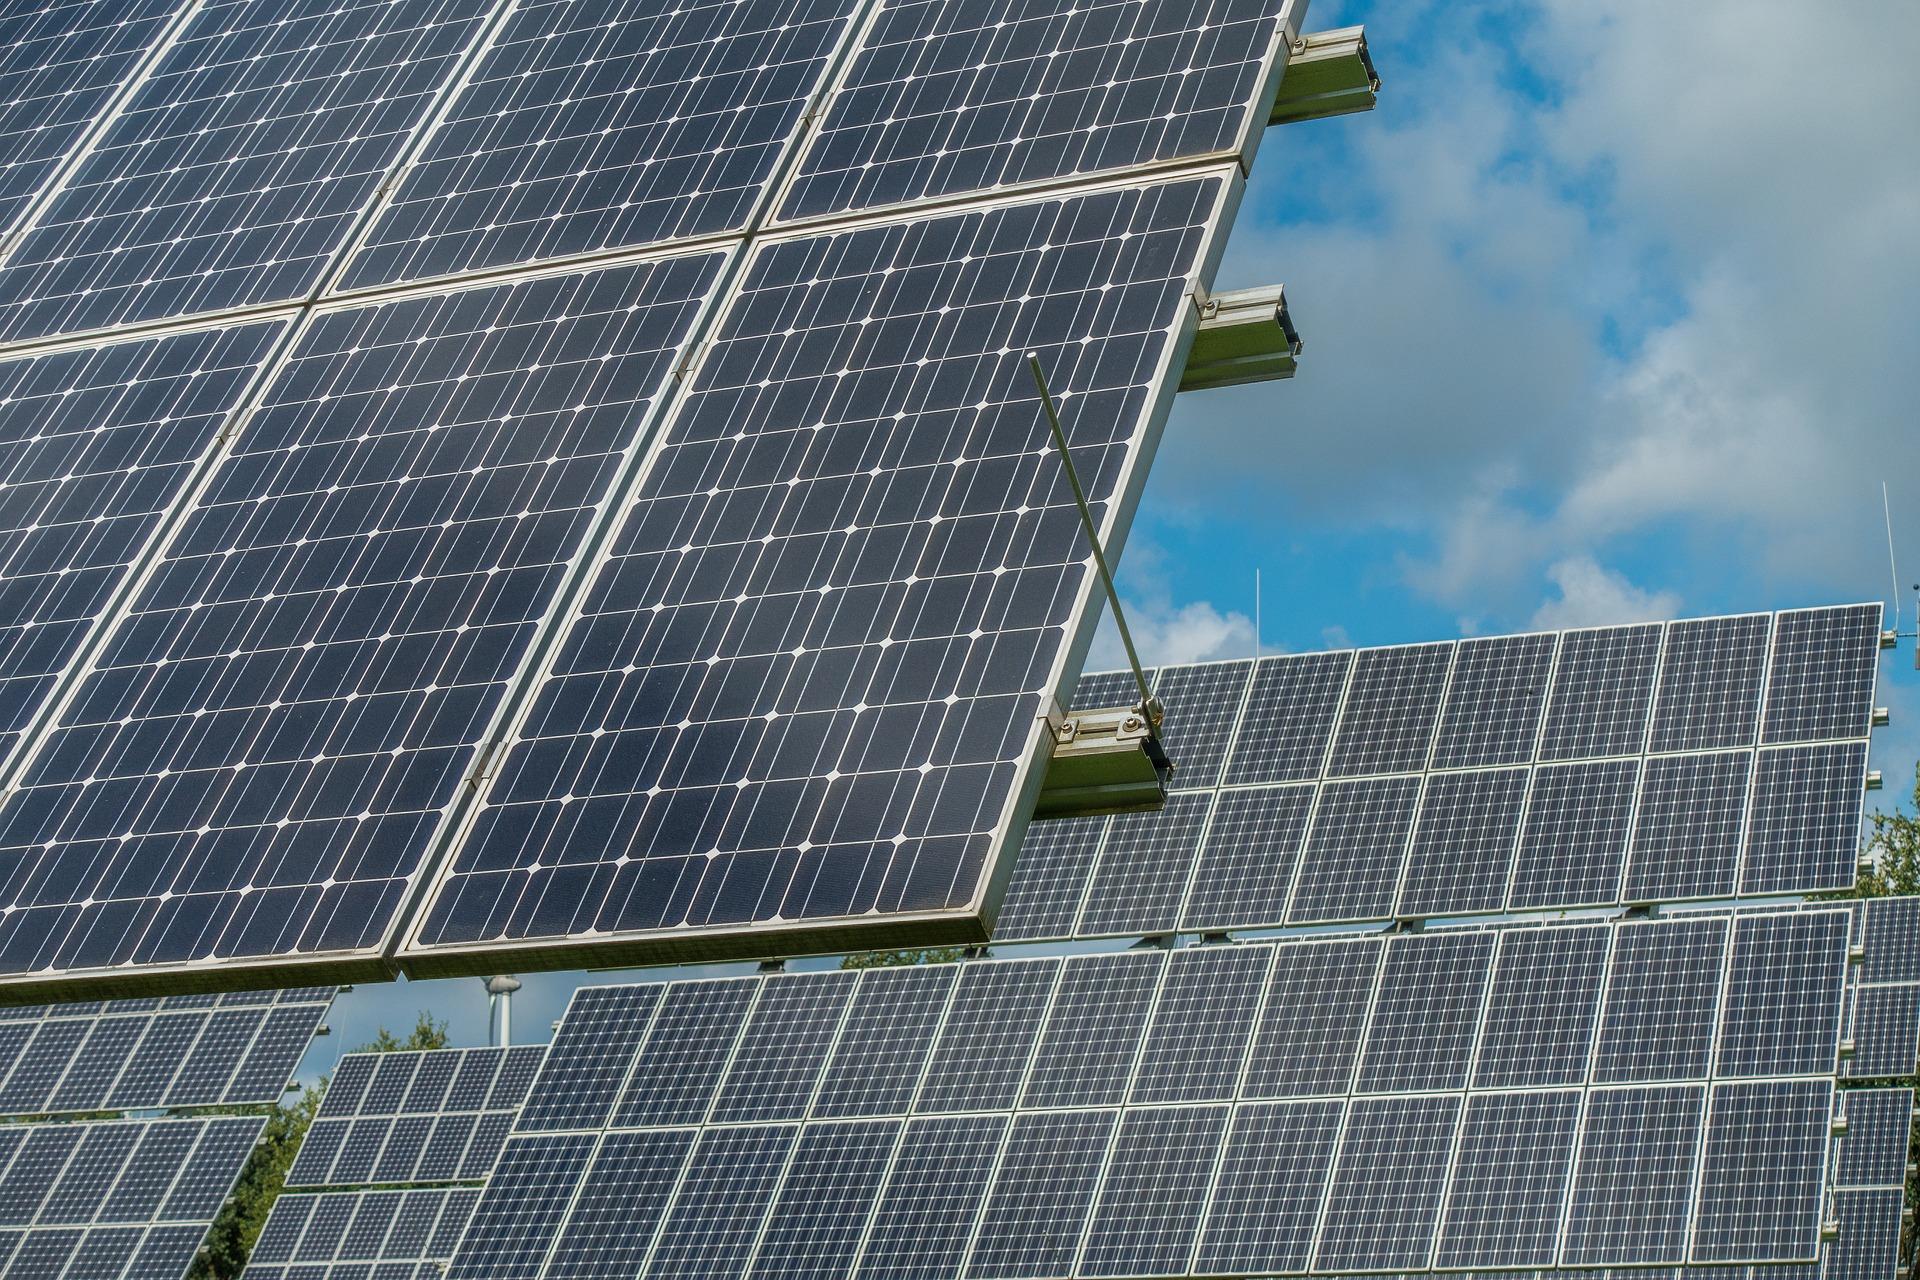 Nettoyage en hauteur - Panneaux Photovoltaïques